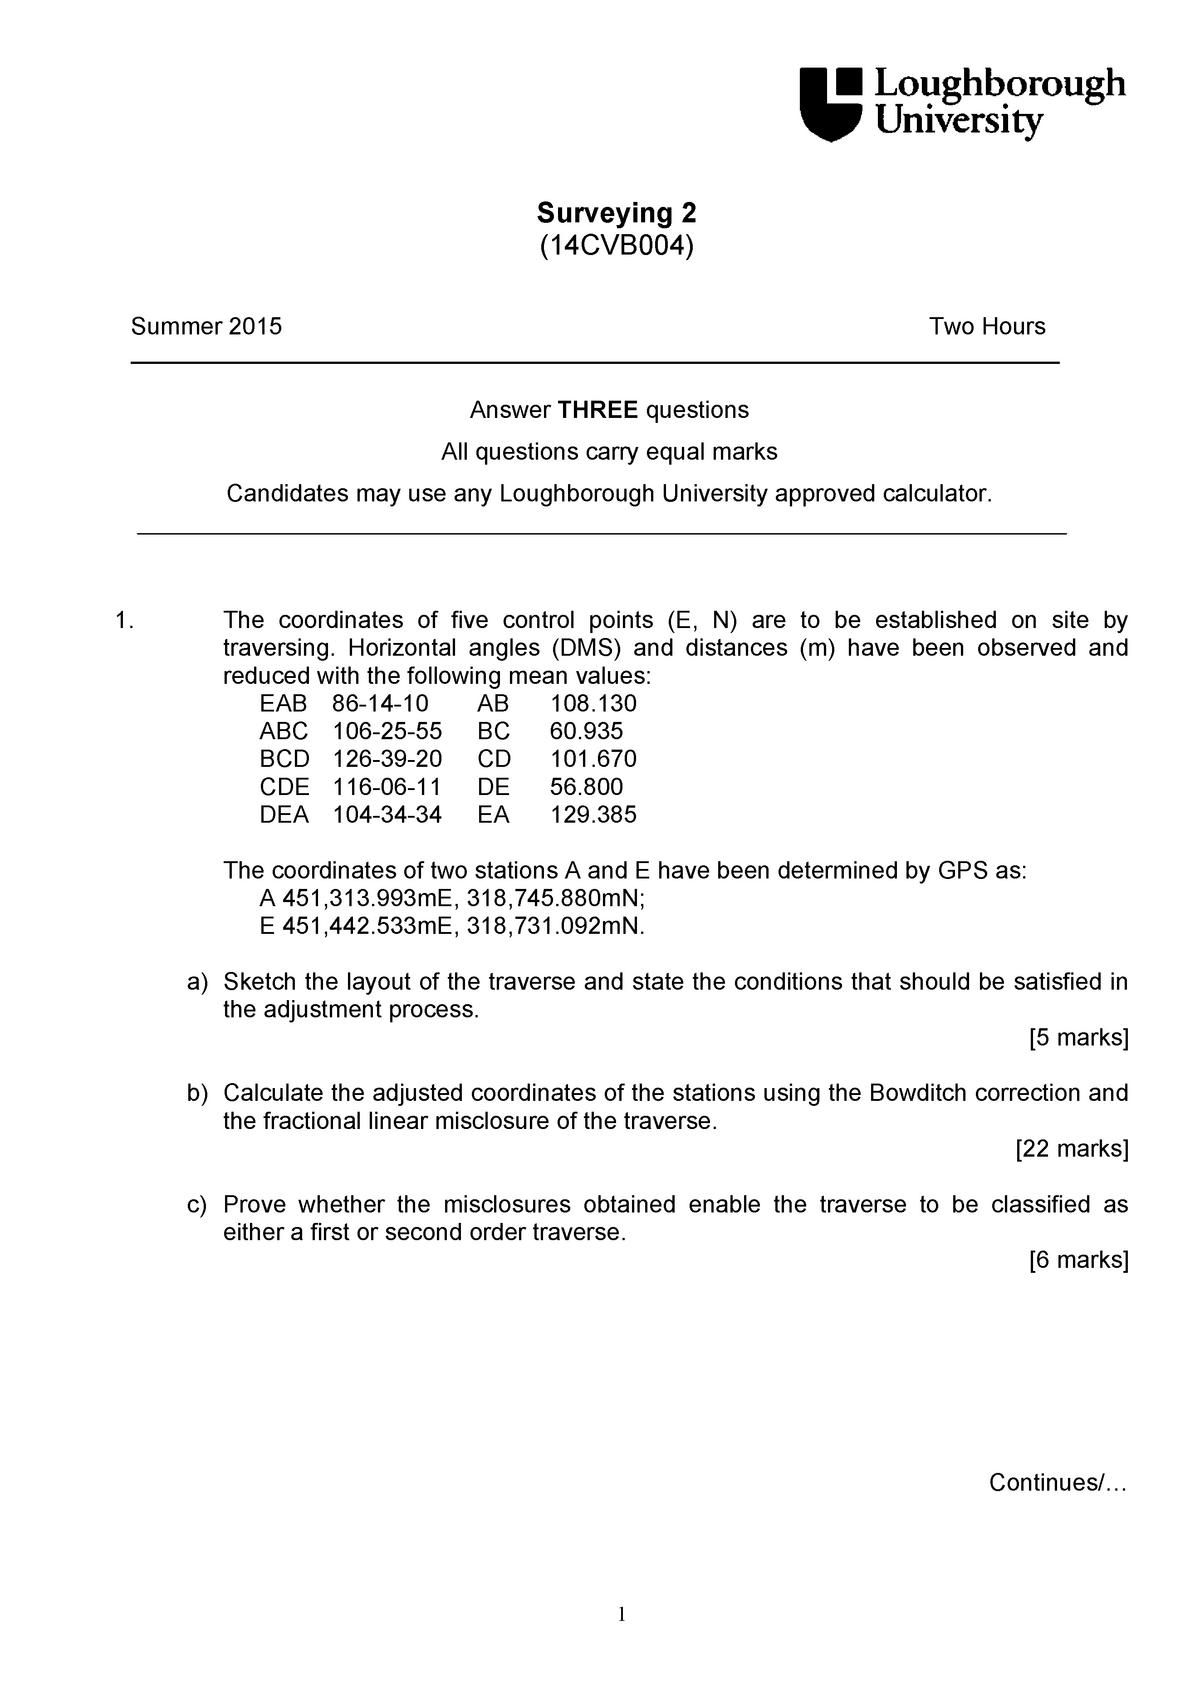 Exam 2015 - 17CVB004: Surveying 2 - StuDocu